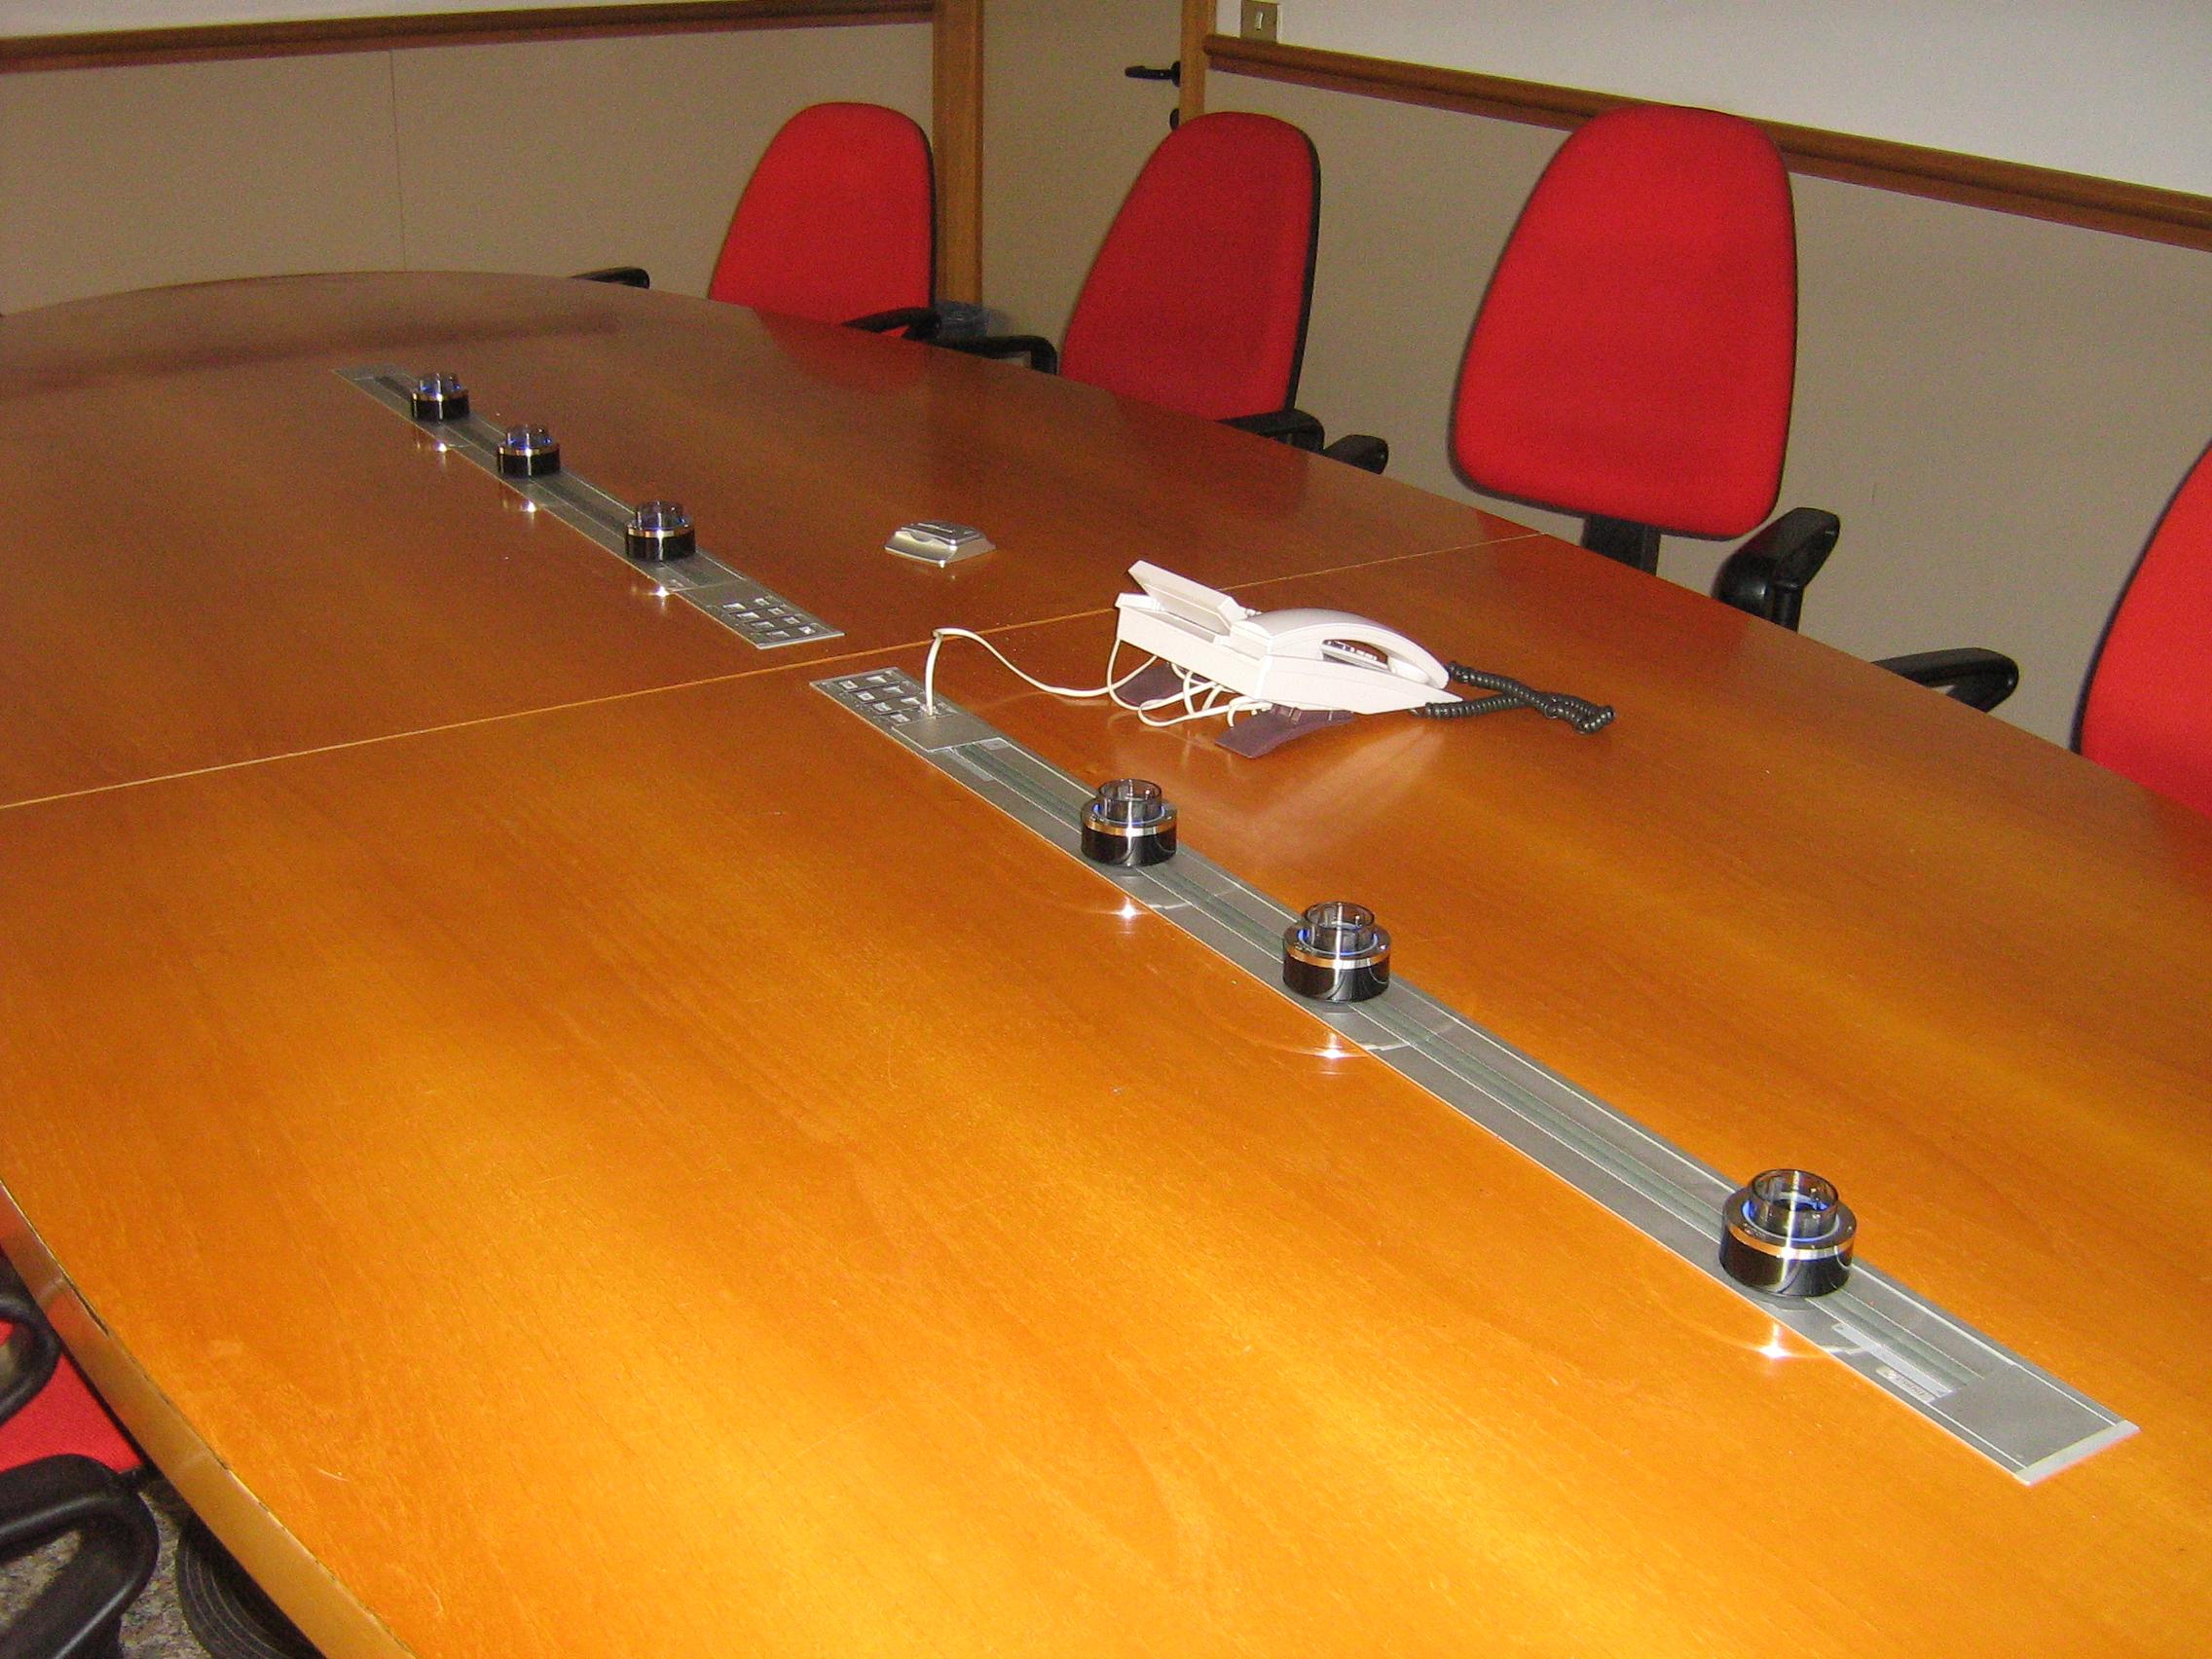 Solutii de conectare pentru bucatarii, livinguri, birouri, sali de conferinta, ateliere, spatii comerciale ACCESORIA GROUP - Poza 1